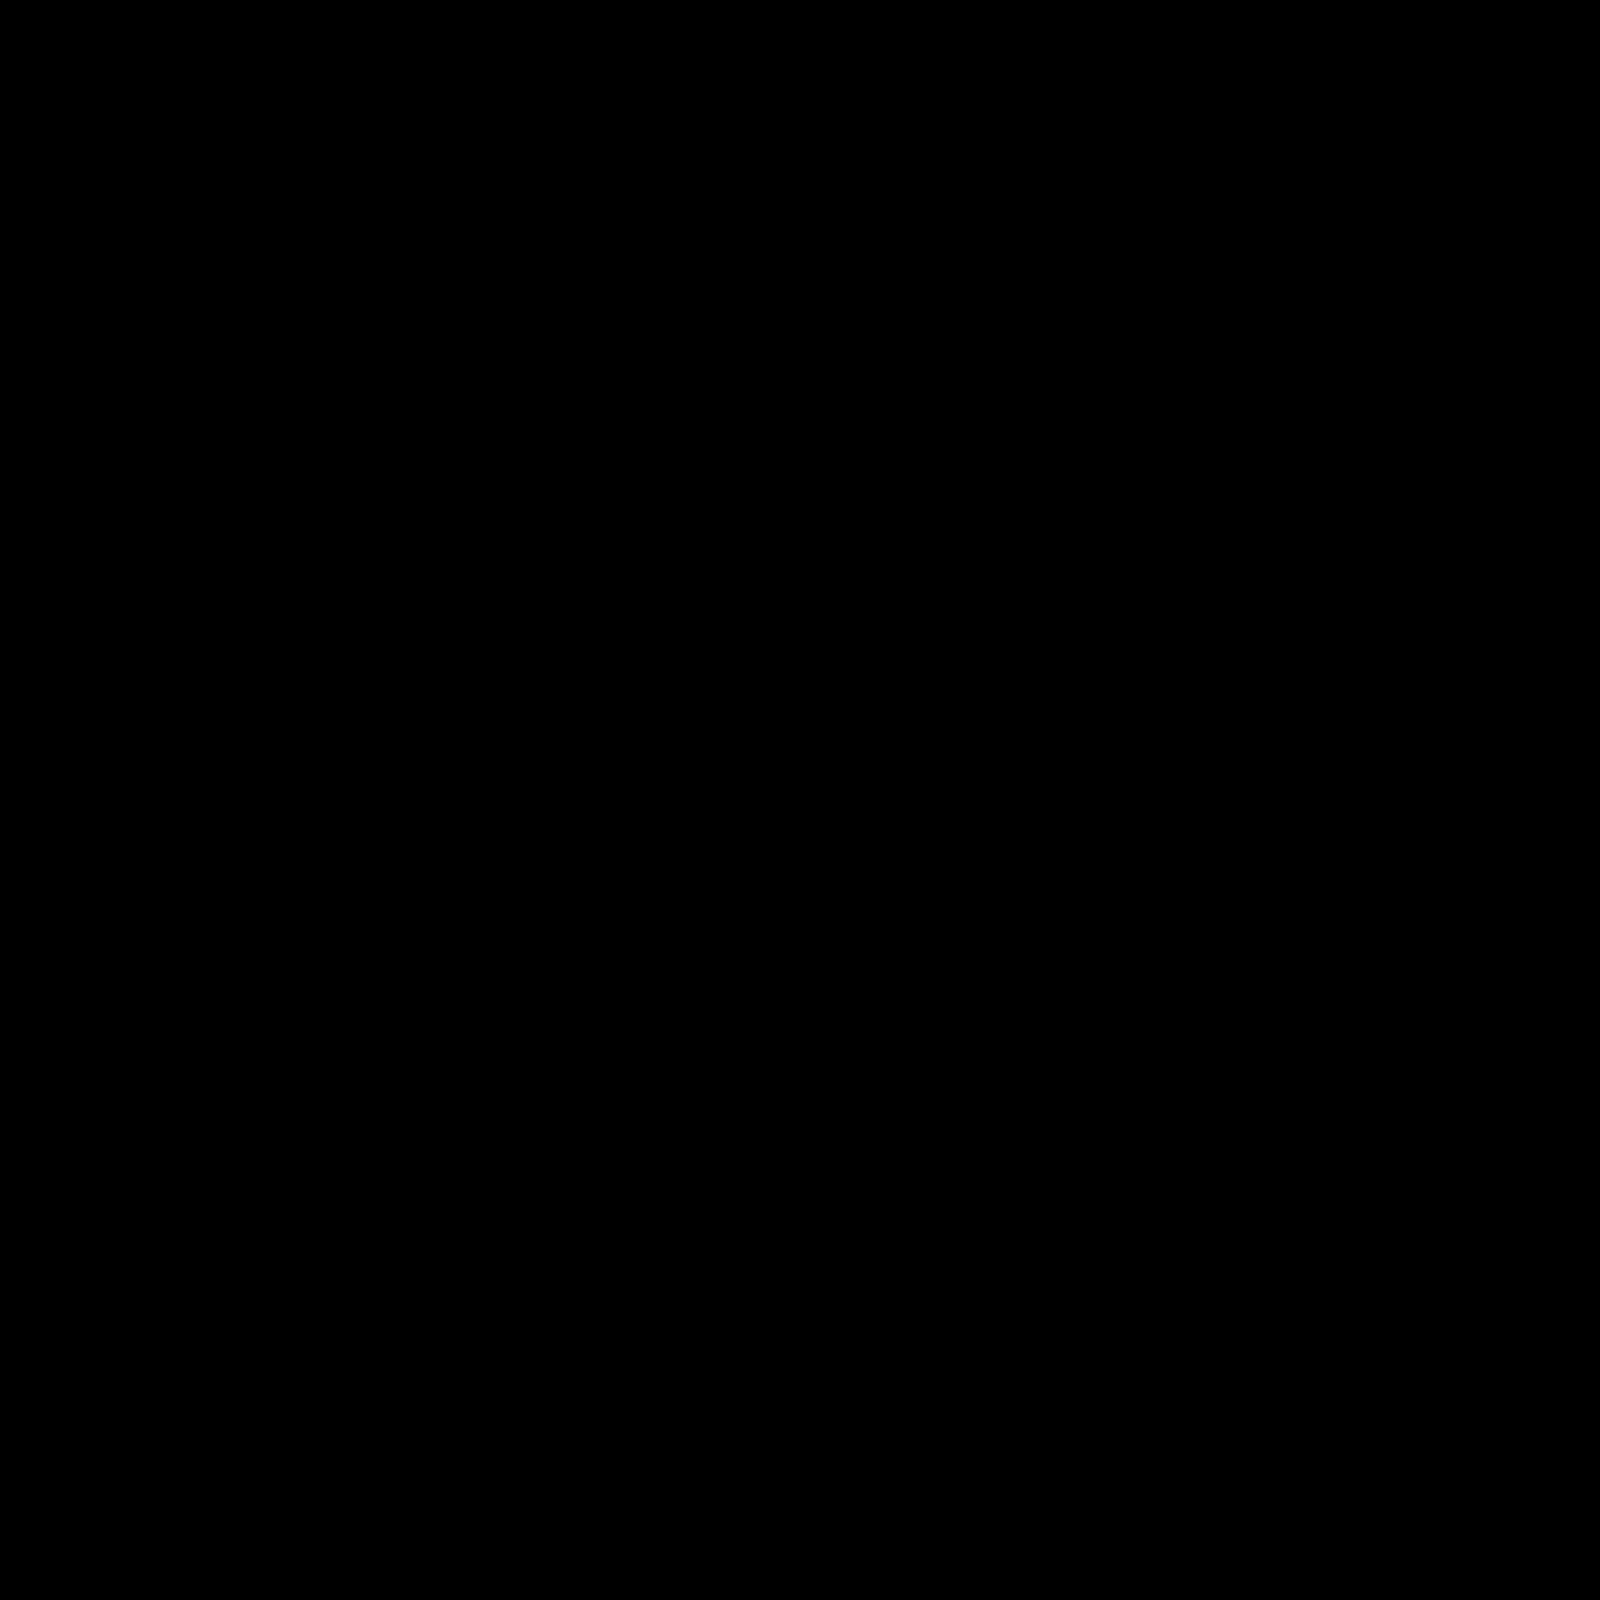 Осанка icon